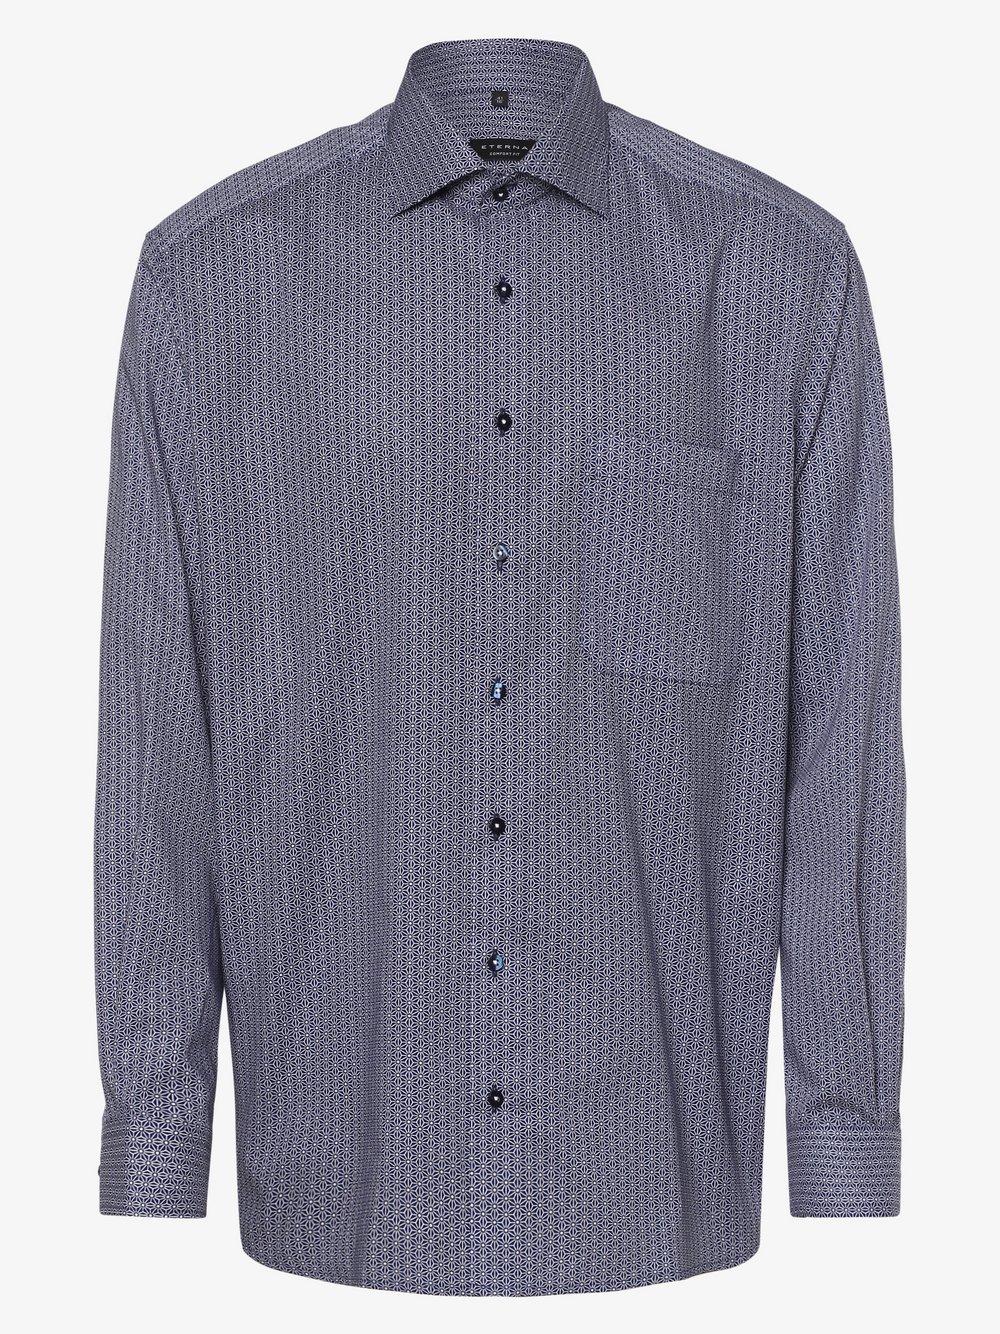 Eterna Comfort Fit - Koszula męska – niewymagająca prasowania, niebieski